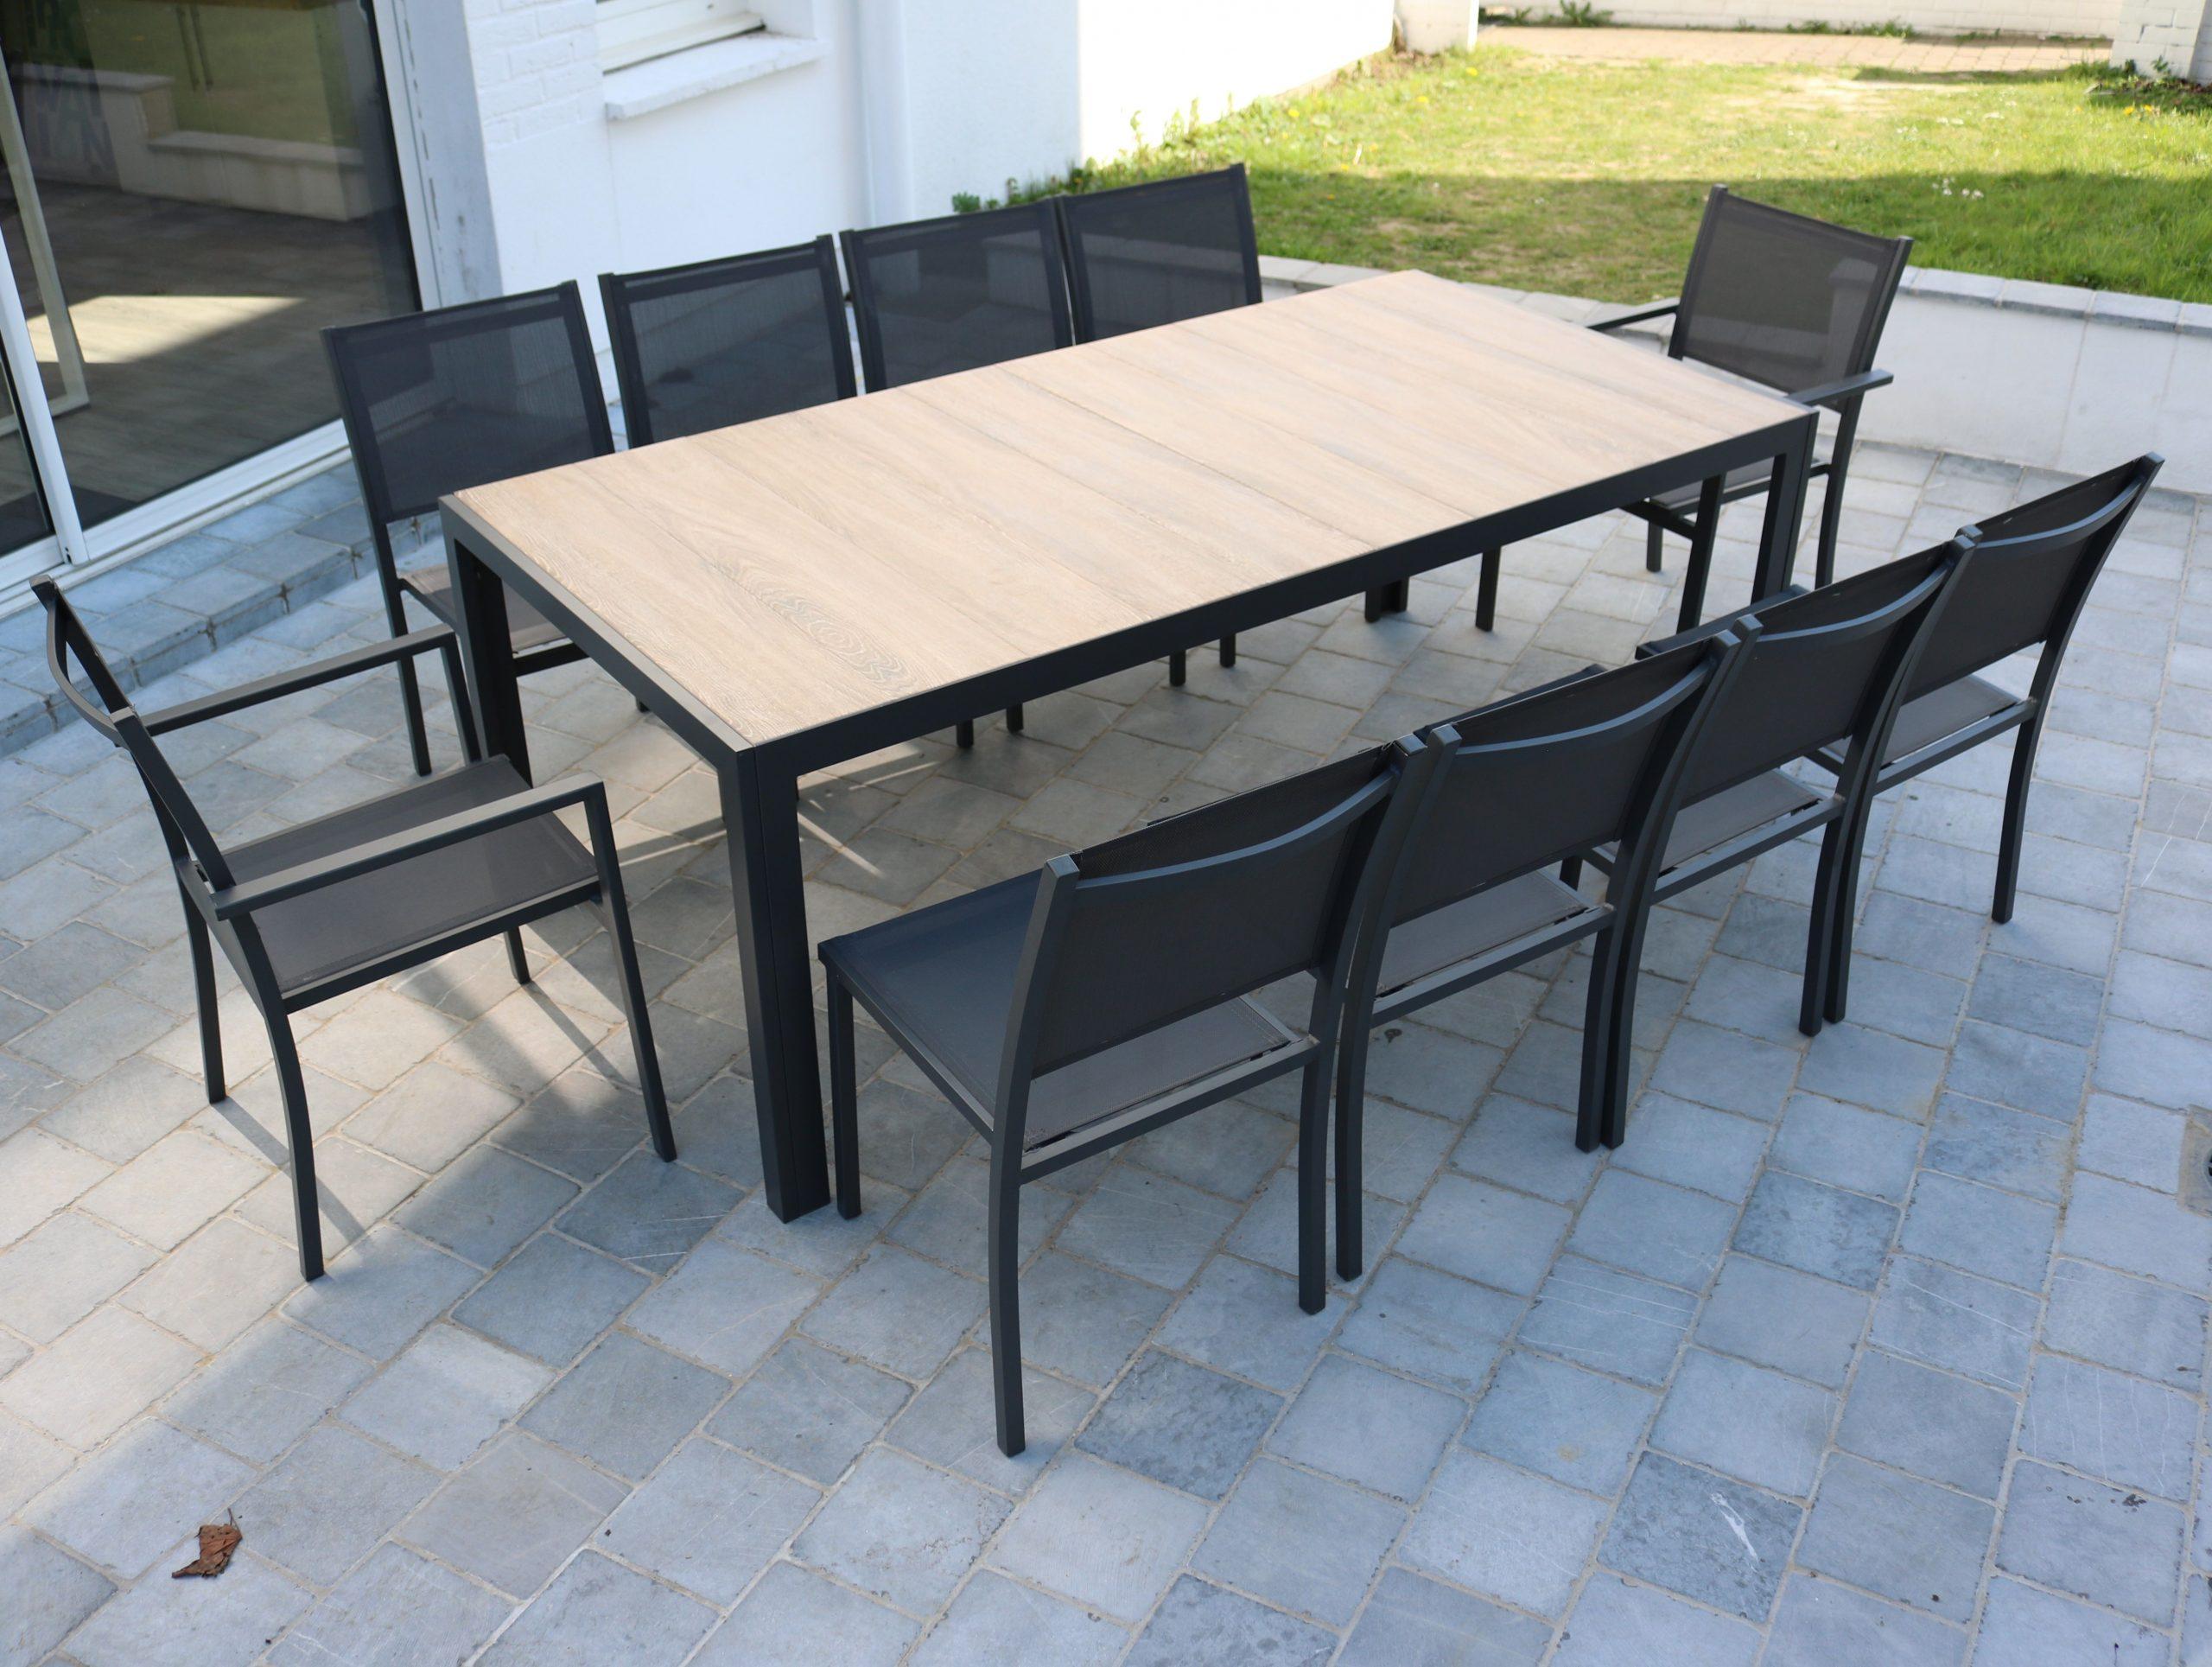 Table De Jardin 10 Places Aluminium Et Céramique - Gris ... dedans Table Jardin Ceramique